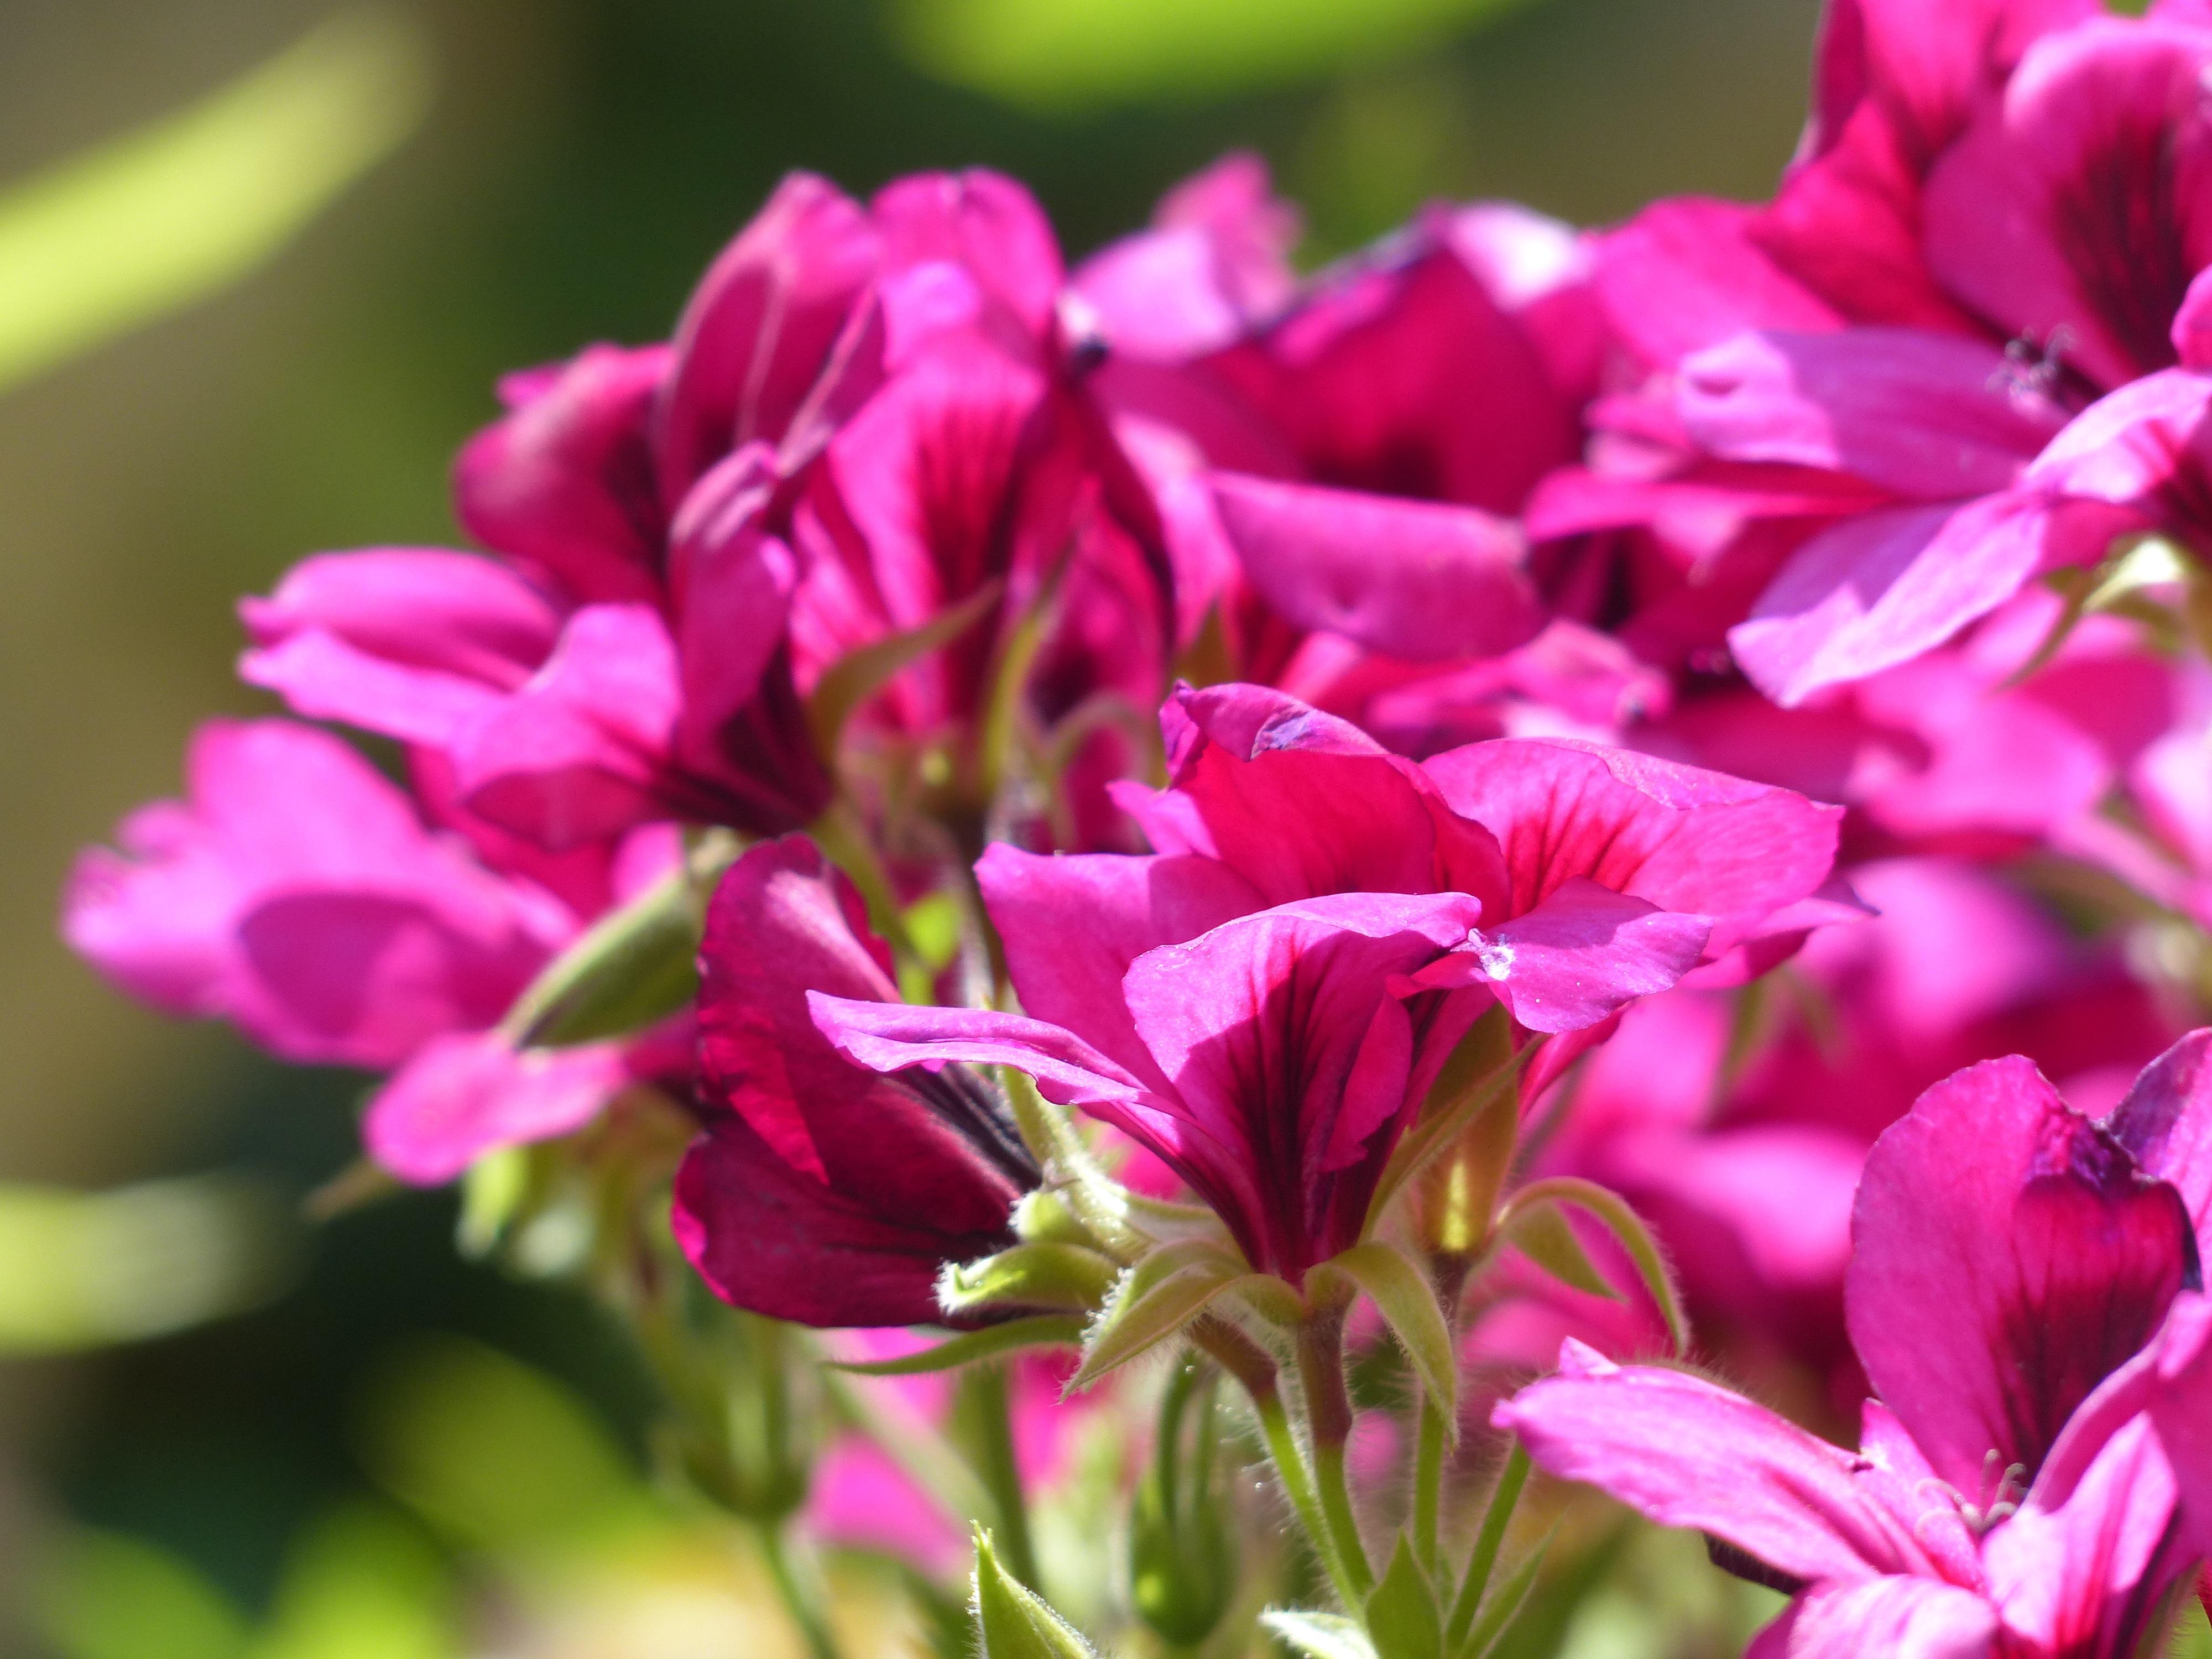 hình ảnh : thực vật, Cánh hoa, Đỏ, Thực vật học, Đầy màu sắc ...